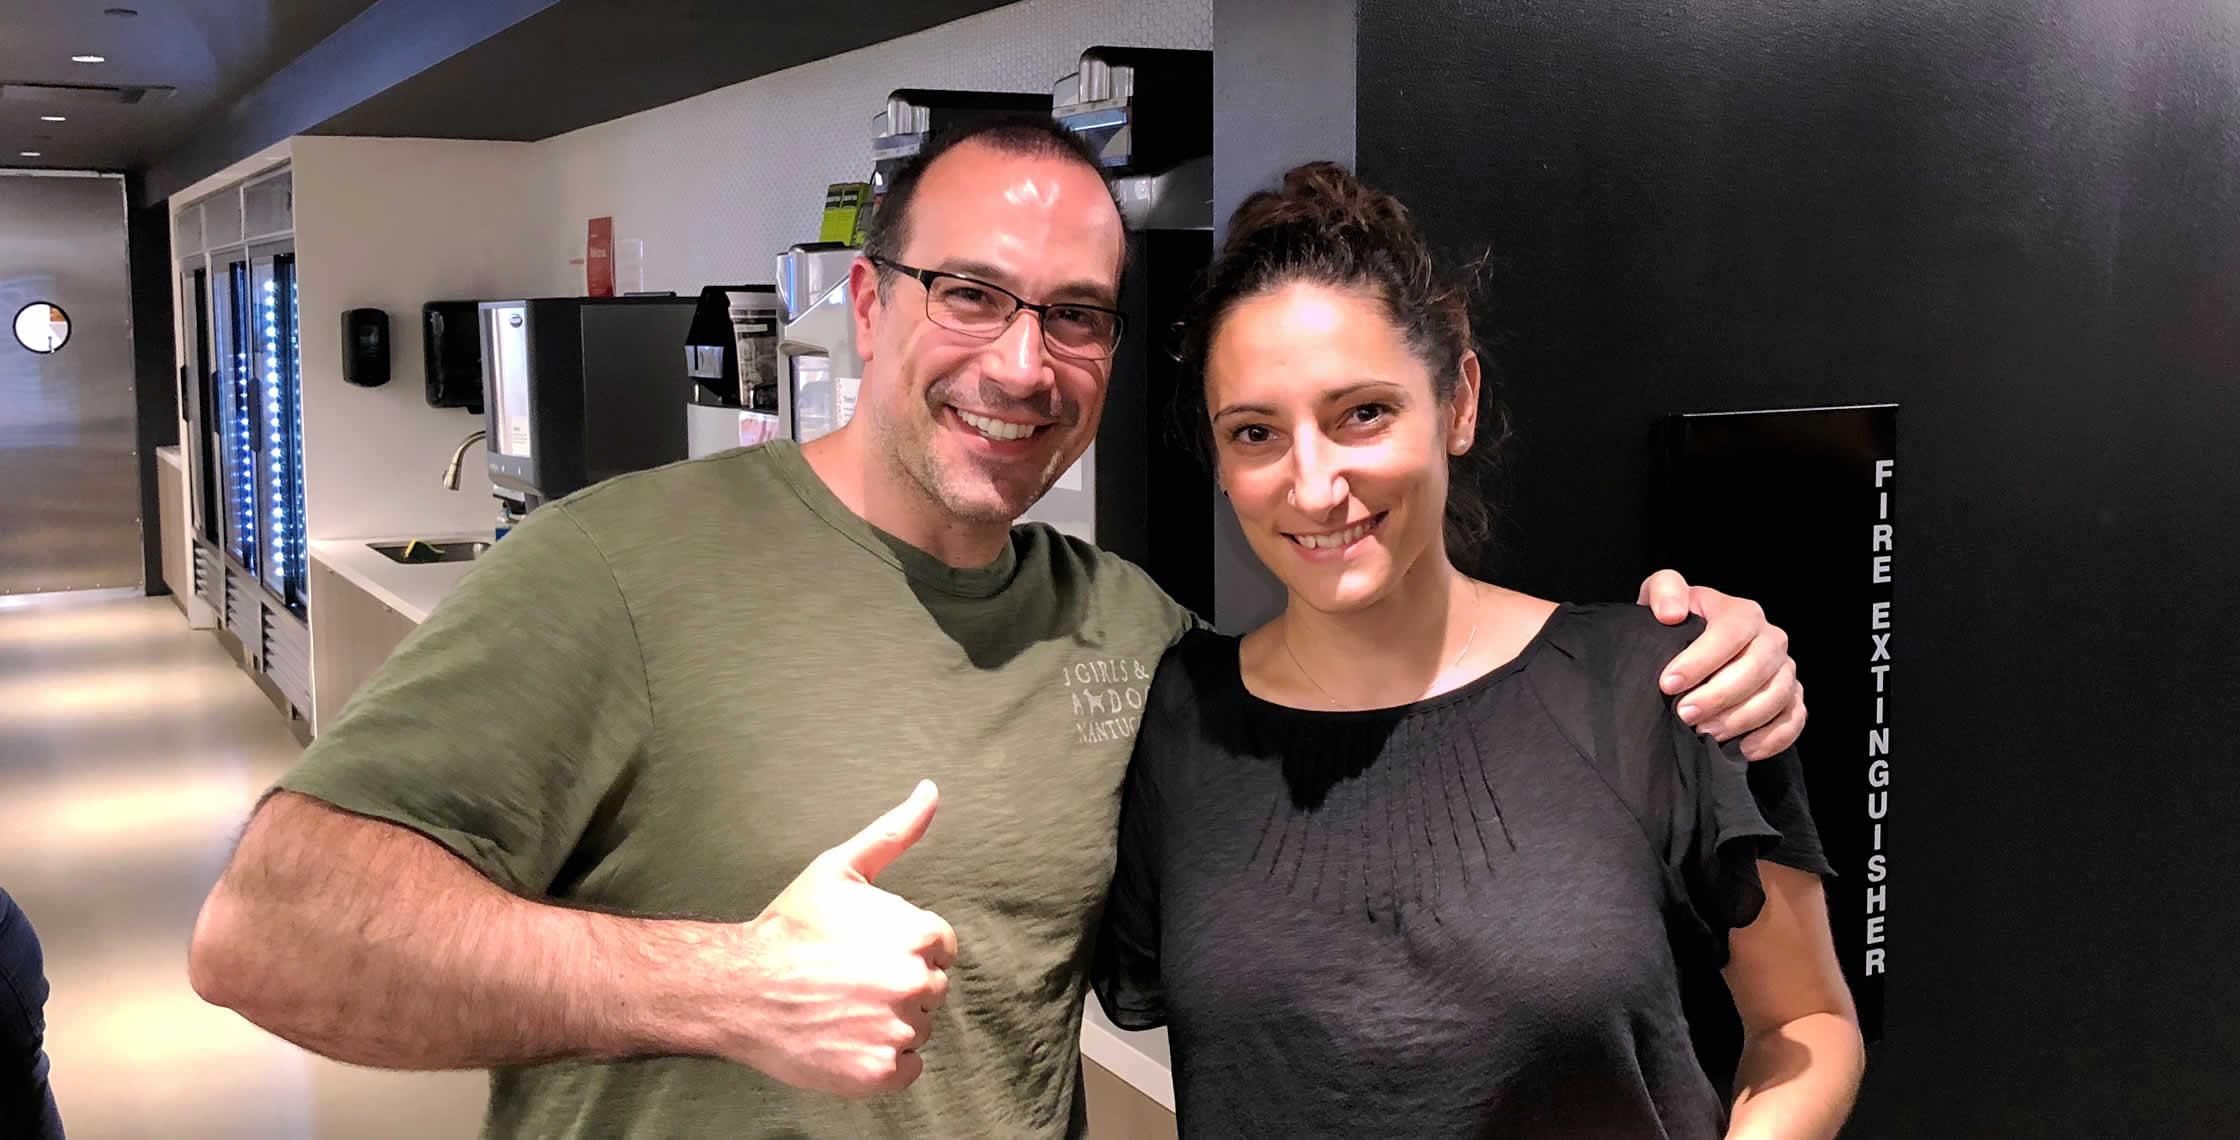 Ben Nadel at the NYC Node.js Meetup (Sep. 2018) with: Manon Metais